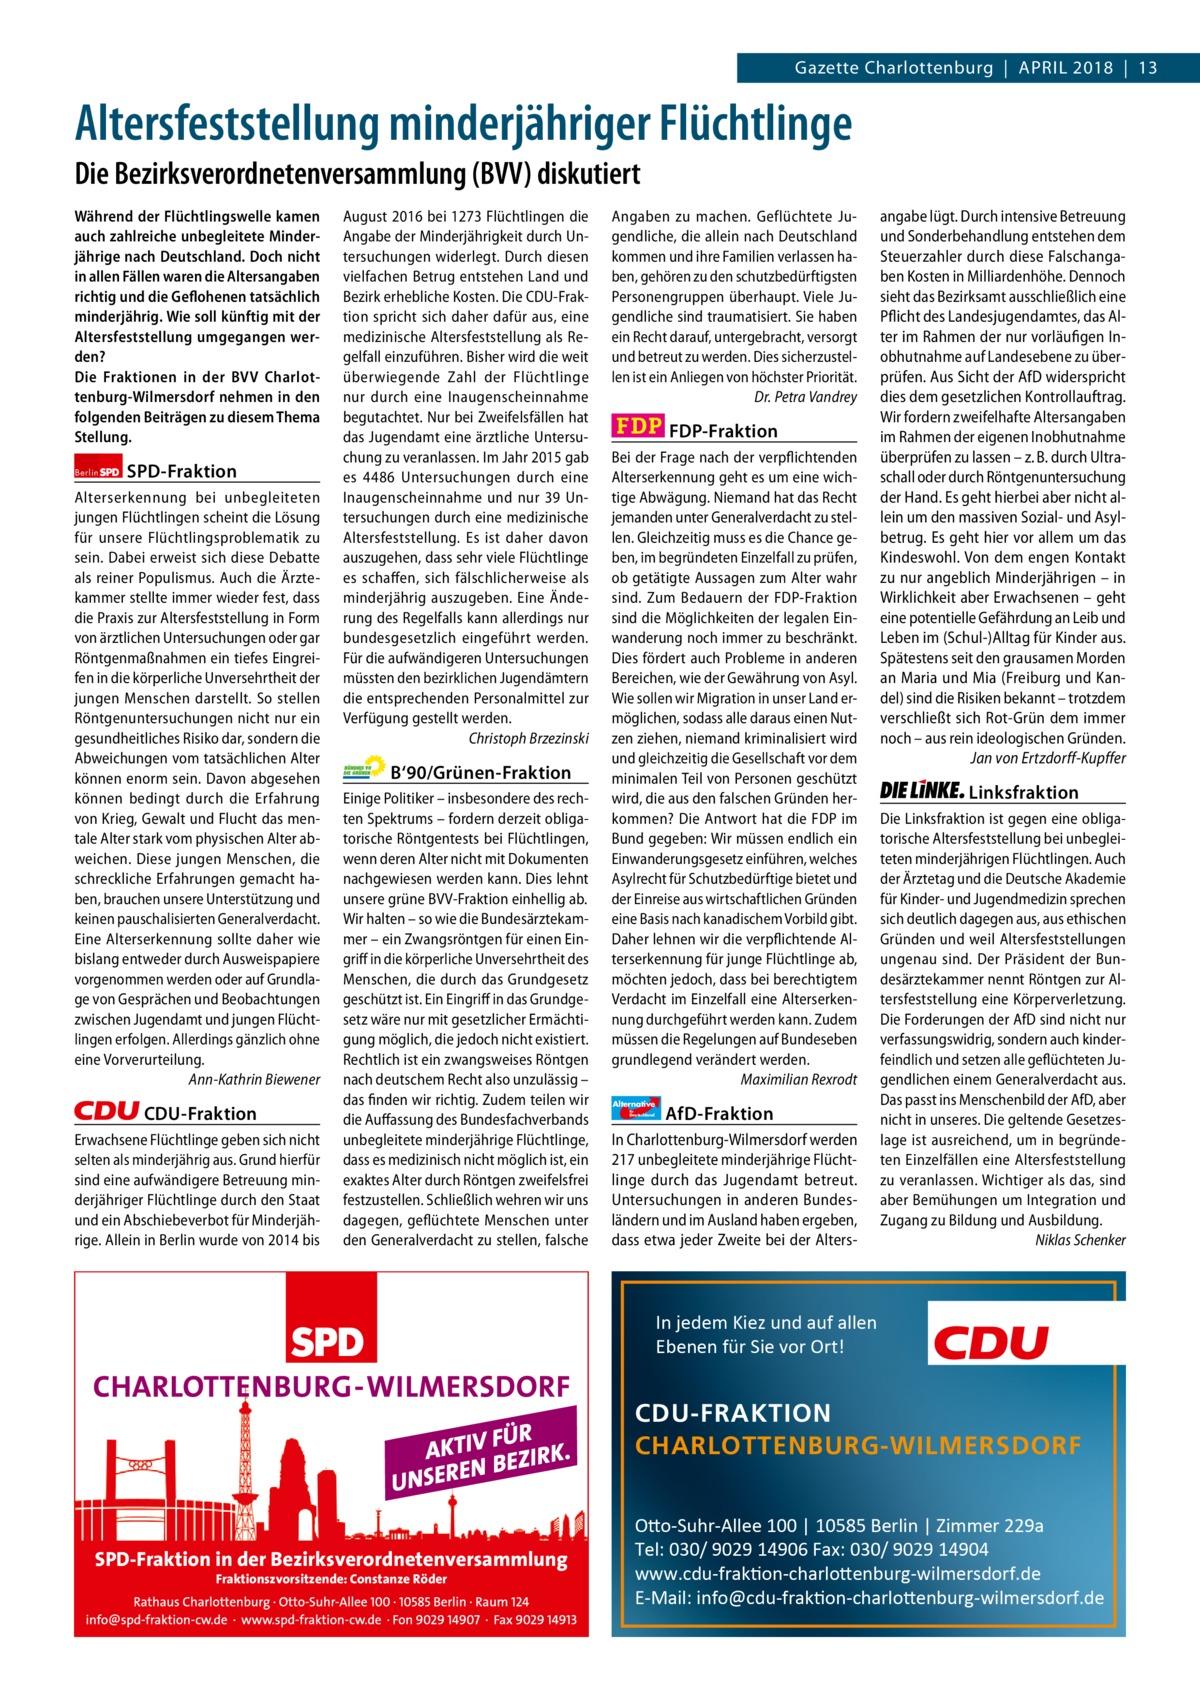 Gazette Charlottenburg & Wilmersdorf  www.gazette-berlin.de  Gazette Charlottenburg|April 2018|13  Altersfeststellung minderjähriger Flüchtlinge Die Bezirksverordnetenversammlung (BVV) diskutiert Während der Flüchtlingswelle kamen auch zahlreiche unbegleitete Minderjährige nach Deutschland. Doch nicht in allen Fällen waren die Altersangaben richtig und die Geflohenen tatsächlich minderjährig. Wie soll künftig mit der Altersfeststellung umgegangen werden? Die Fraktionen in der BVV Charlottenburg-Wilmersdorf nehmen in den folgenden Beiträgen zu diesem Thema Stellung. Berlin  SPD-Fraktion  Alterserkennung bei unbegleiteten jungen Flüchtlingen scheint die Lösung für unsere Flüchtlingsproblematik zu sein. Dabei erweist sich diese Debatte als reiner Populismus. Auch die Ärztekammer stellte immer wieder fest, dass die Praxis zur Altersfeststellung in Form von ärztlichen Untersuchungen oder gar Röntgenmaßnahmen ein tiefes Eingreifen in die körperliche Unversehrtheit der jungen Menschen darstellt. So stellen Röntgenuntersuchungen nicht nur ein gesundheitliches Risiko dar, sondern die Abweichungen vom tatsächlichen Alter können enorm sein. Davon abgesehen können bedingt durch die Erfahrung von Krieg, Gewalt und Flucht das mentale Alter stark vom physischen Alter abweichen. Diese jungen Menschen, die schreckliche Erfahrungen gemacht haben, brauchen unsere Unterstützung und keinen pauschalisierten Generalverdacht. Eine Alterserkennung sollte daher wie bislang entweder durch Ausweispapiere vorgenommen werden oder auf Grundlage von Gesprächen und Beobachtungen zwischen Jugendamt und jungen Flüchtlingen erfolgen. Allerdings gänzlich ohne eine Vorverurteilung. Ann-Kathrin Biewener  CDU-Fraktion Erwachsene Flüchtlinge geben sich nicht selten als minderjährig aus. Grund hierfür sind eine aufwändigere Betreuung minderjähriger Flüchtlinge durch den Staat und ein Abschiebeverbot für Minderjährige. Allein in Berlin wurde von 2014 bis  August 2016 bei 1273 Flüchtlingen die Angabe der Mind